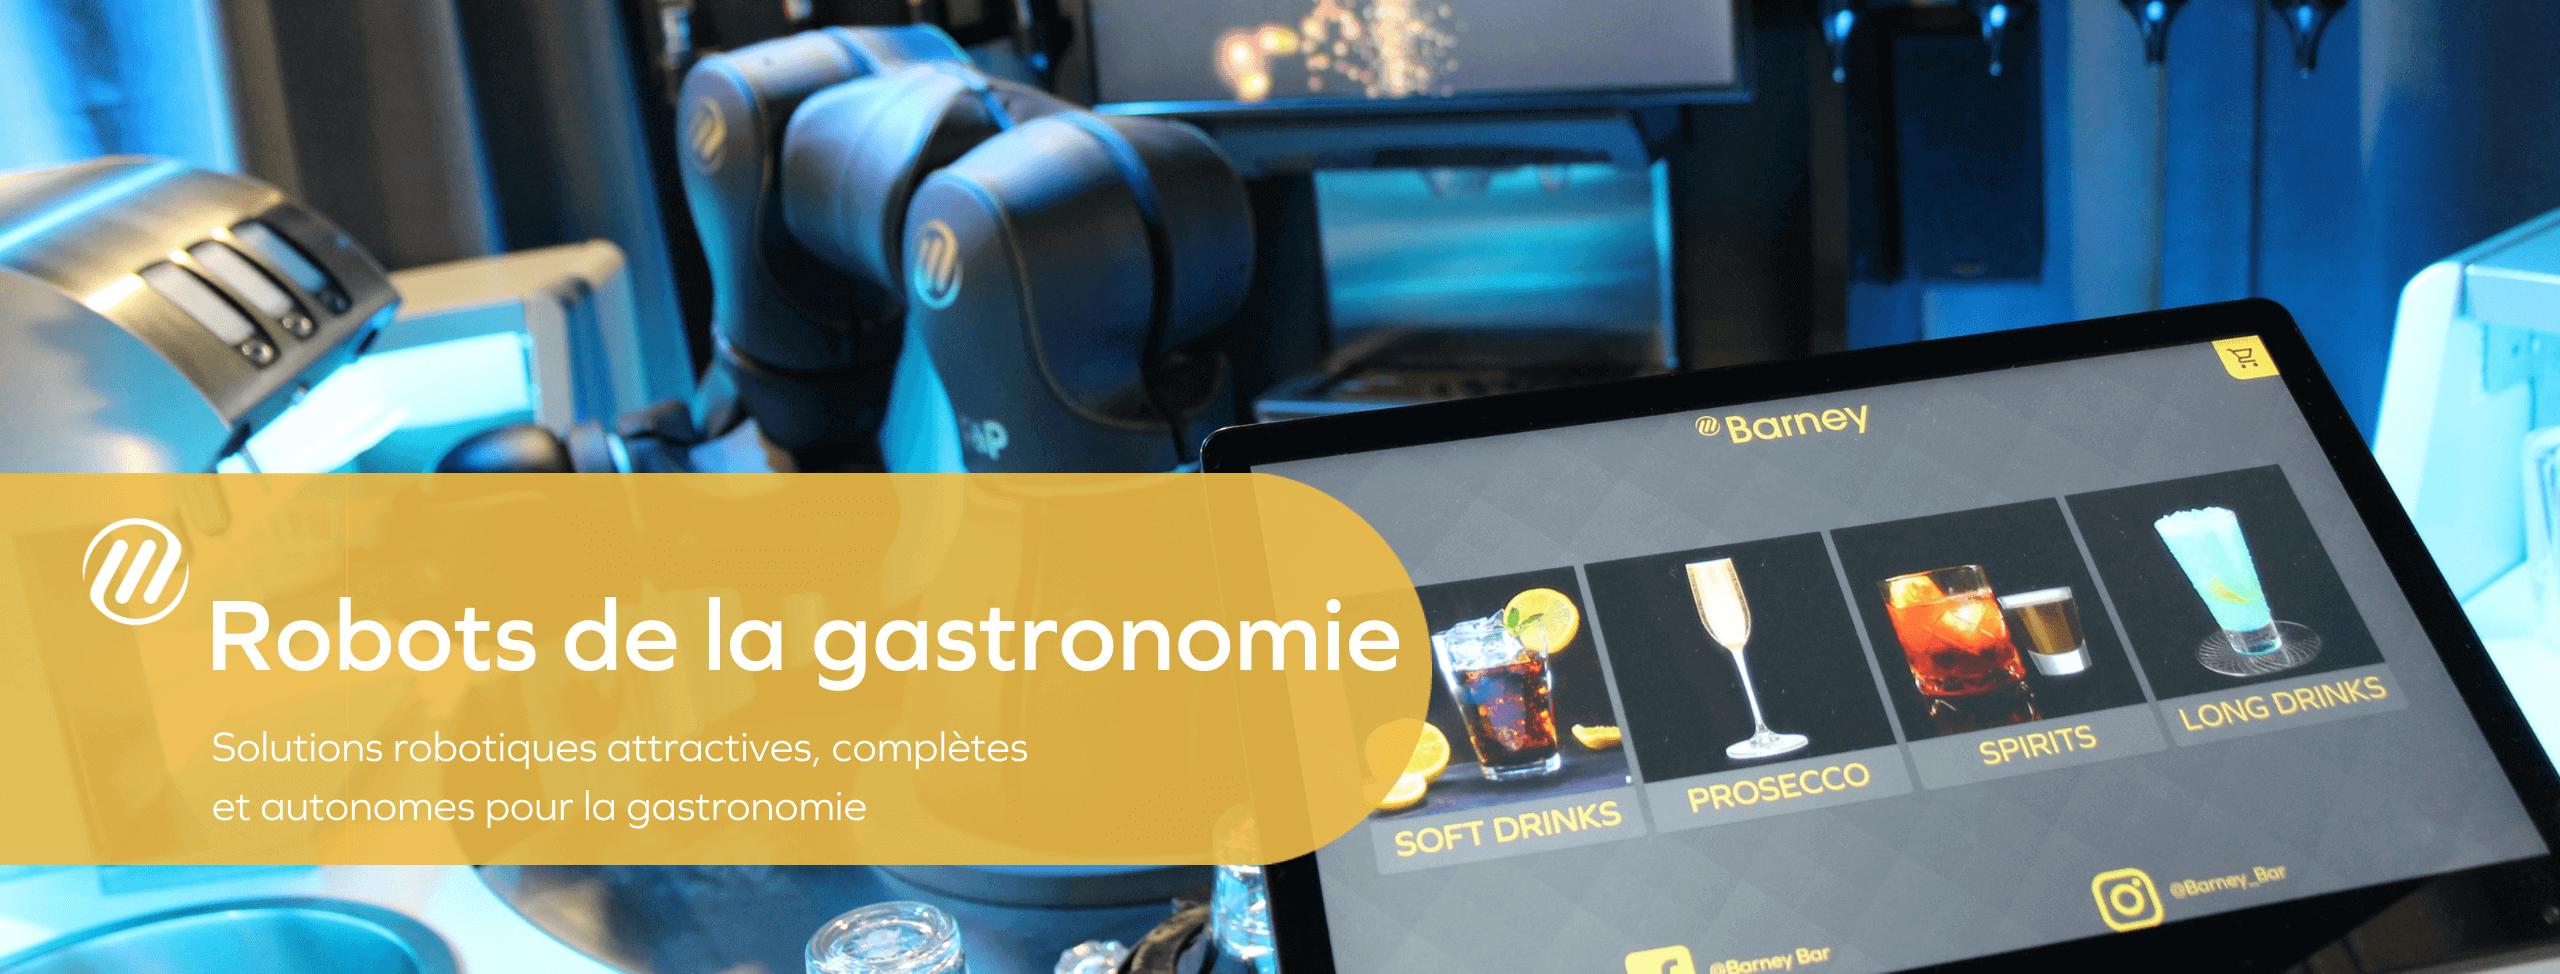 Robots de la gastronomie - Solutions robotiques attractives, complètes et autonomes pour la gastronomie